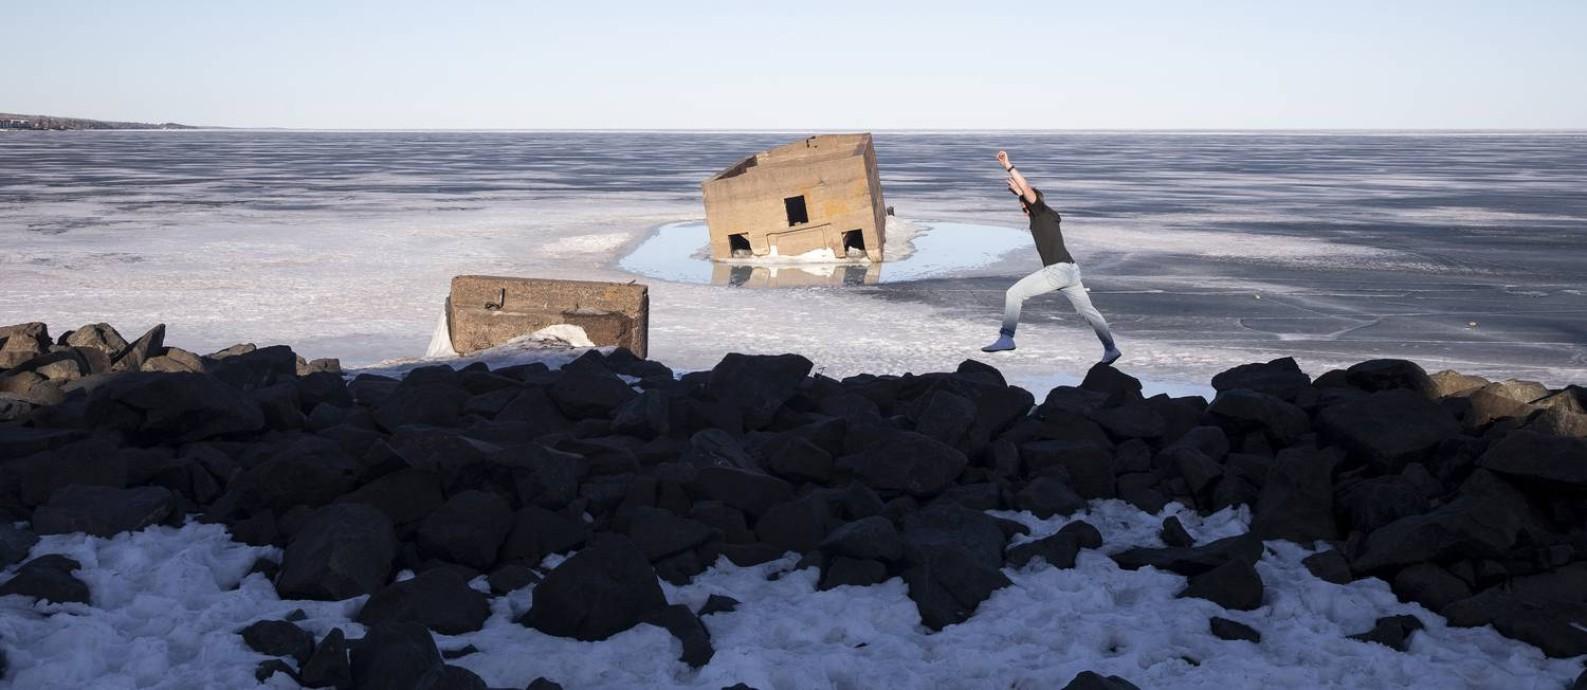 Lago Superior, congelado, em Duluth, no Minnesota, EUA. Segundo especialista de Harvard em mudanças climáticas, a cidade tem temperaturas frias, abundância de água fresca e uma infraestrutura industrial que fazem dela refúgio ideal contra o aquecimento global. Foto: TIM GRUBER / NYT